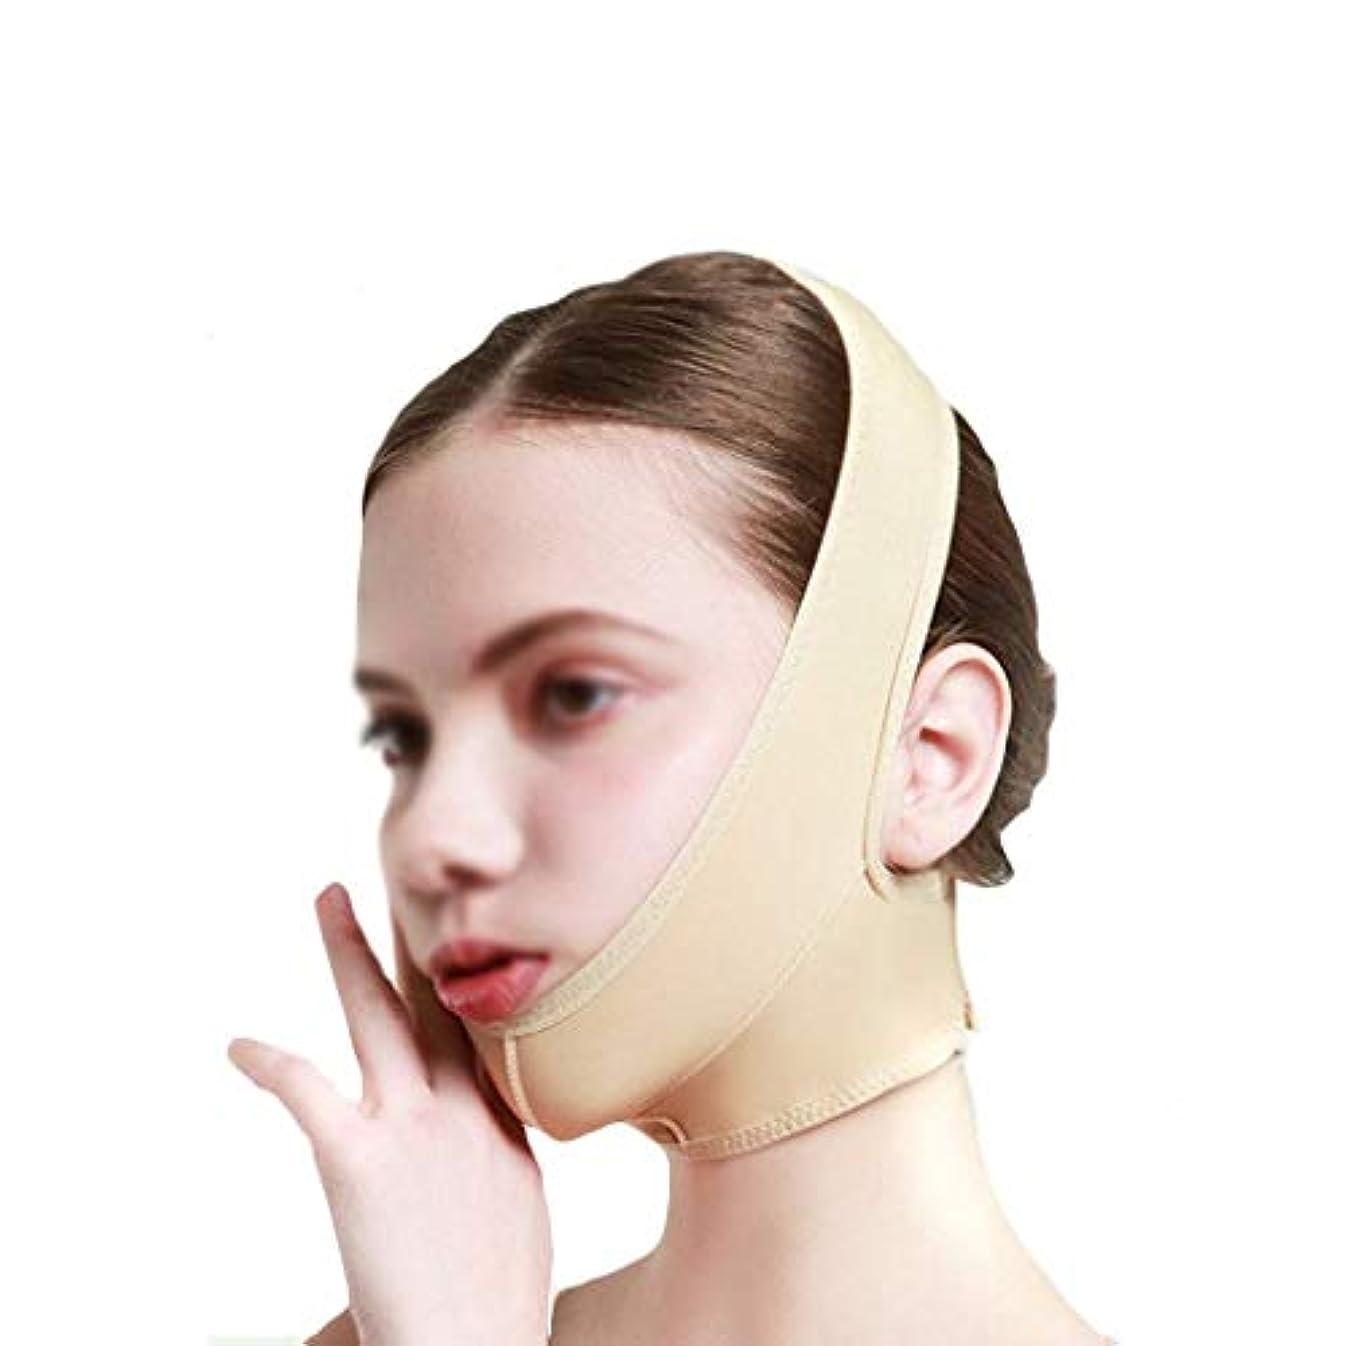 検証恐怖埋めるダブルチンリデューサー、フェイススリミングマスク、フェイスリフティング、ストレッチマスク、ダブルチン、浮腫緩和、ケアツール、通気性(サイズ:XL),XL